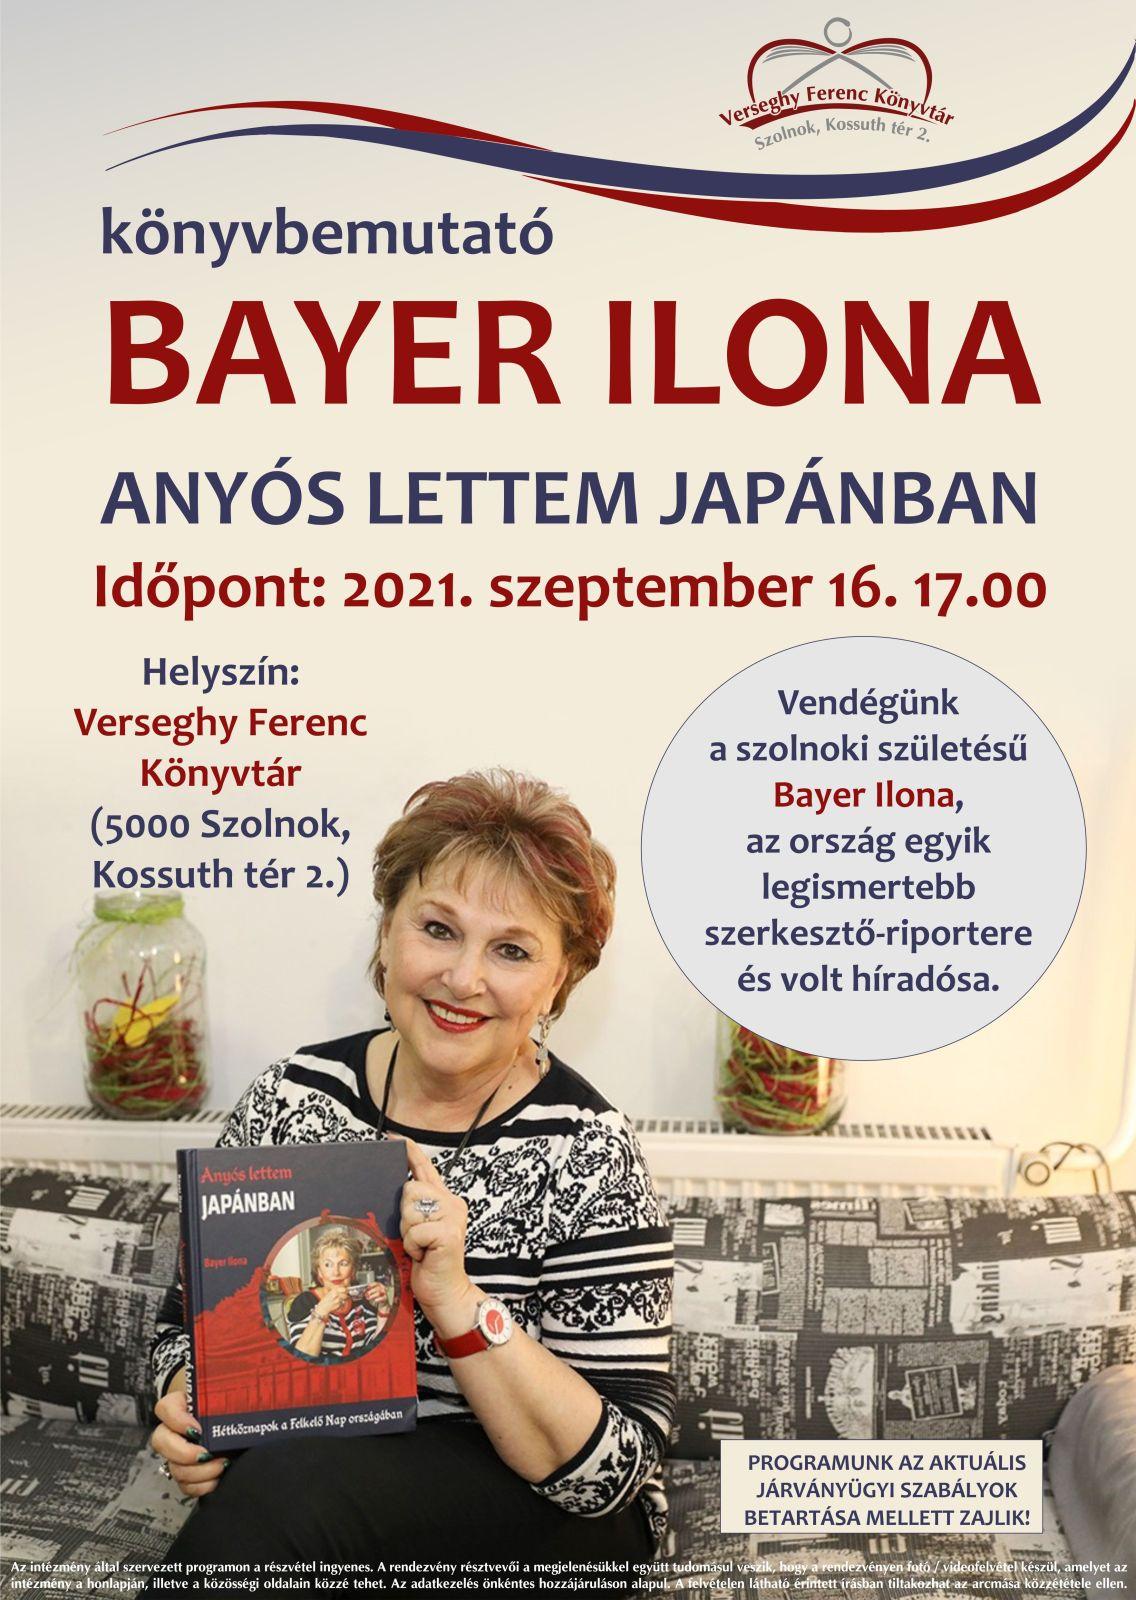 BayerIlona_2021_szeptember